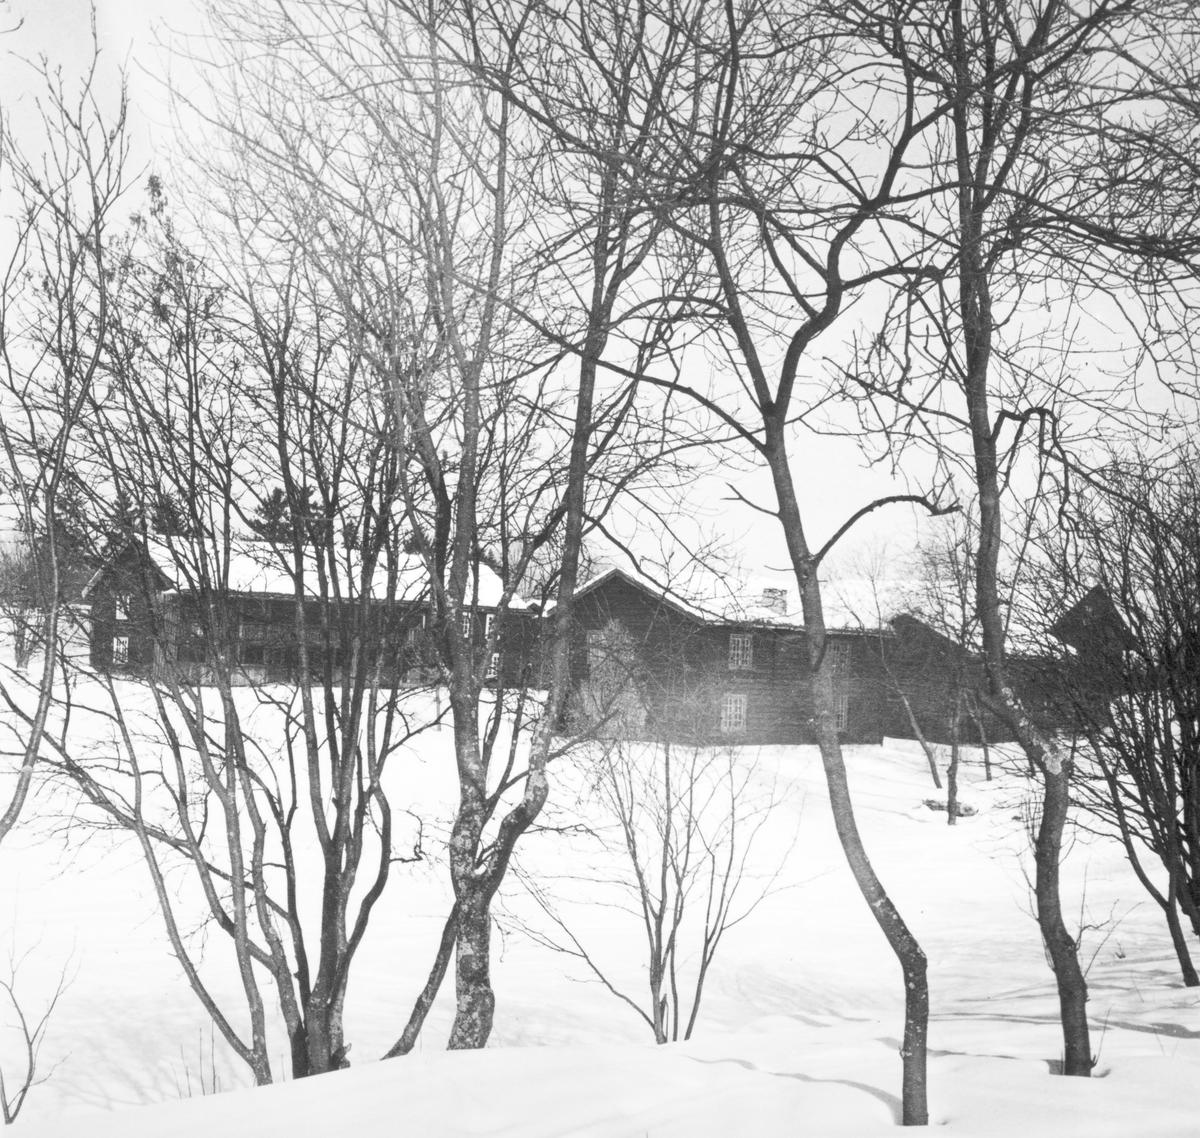 Hedmarksmuseet. Vinter, museumshus på Hedmarkstunet, Hubred og Grimsrudbygningen. Domkirkeodden, Hamar.